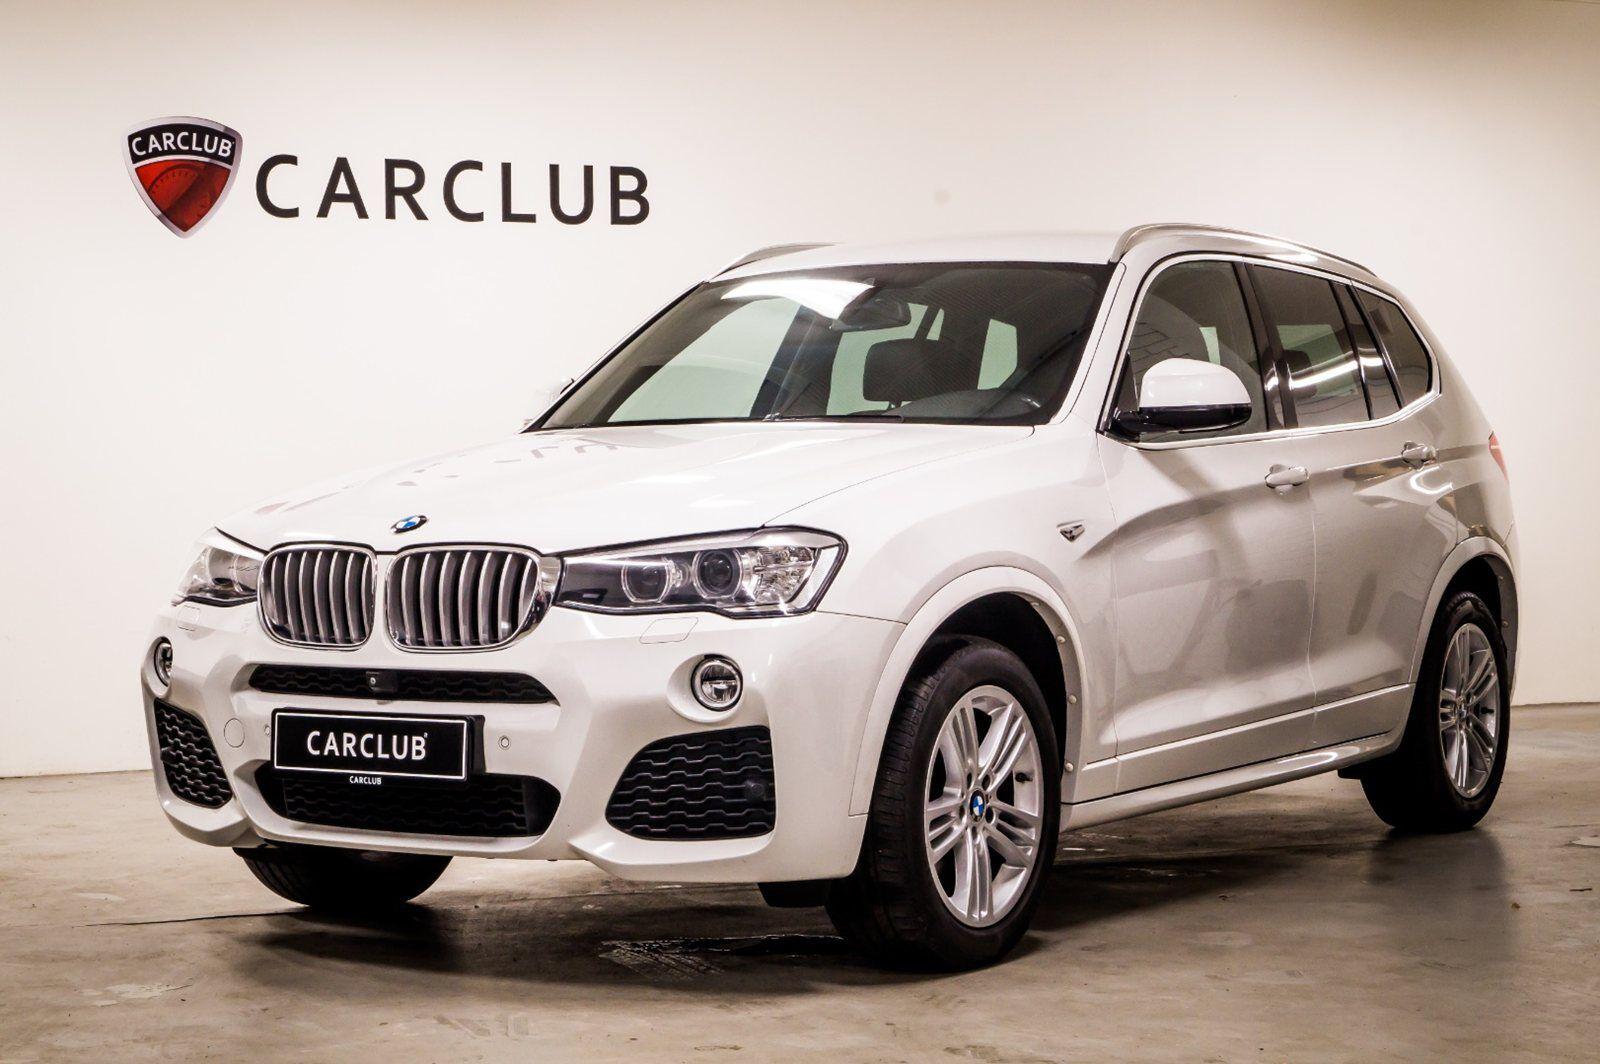 BMW X3 3,0 xDrive30d aut. 5d - 519.900 kr.